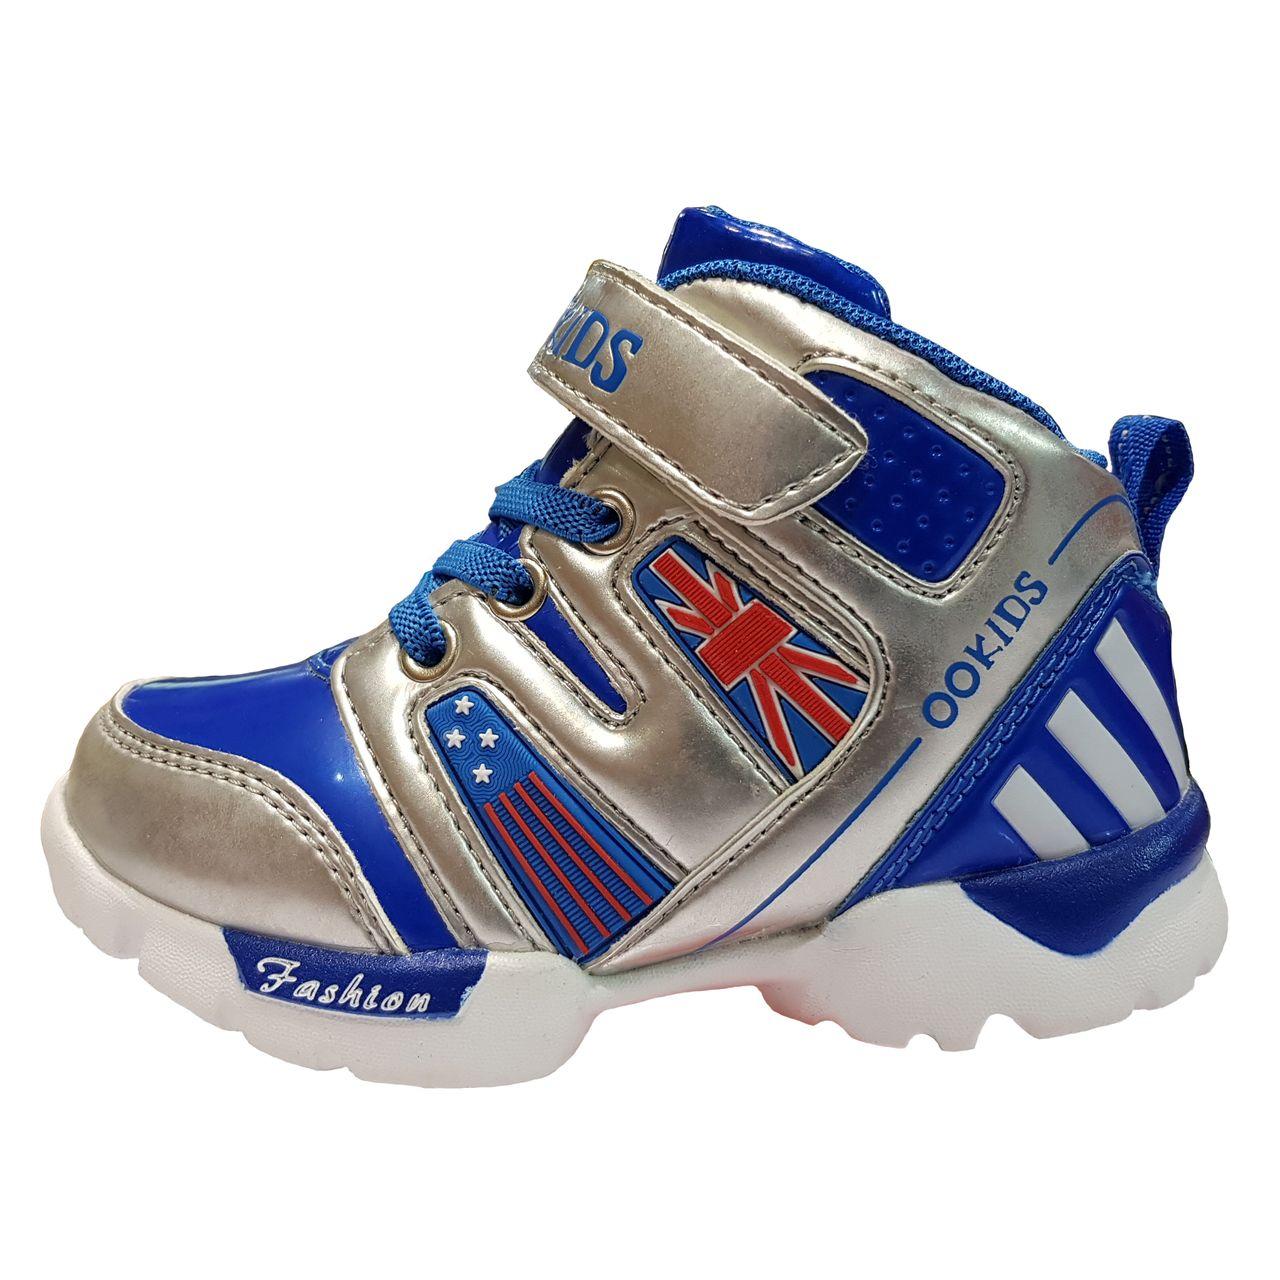 کفش دویدن پسرانه مدل OOEKIDS کد 3825612